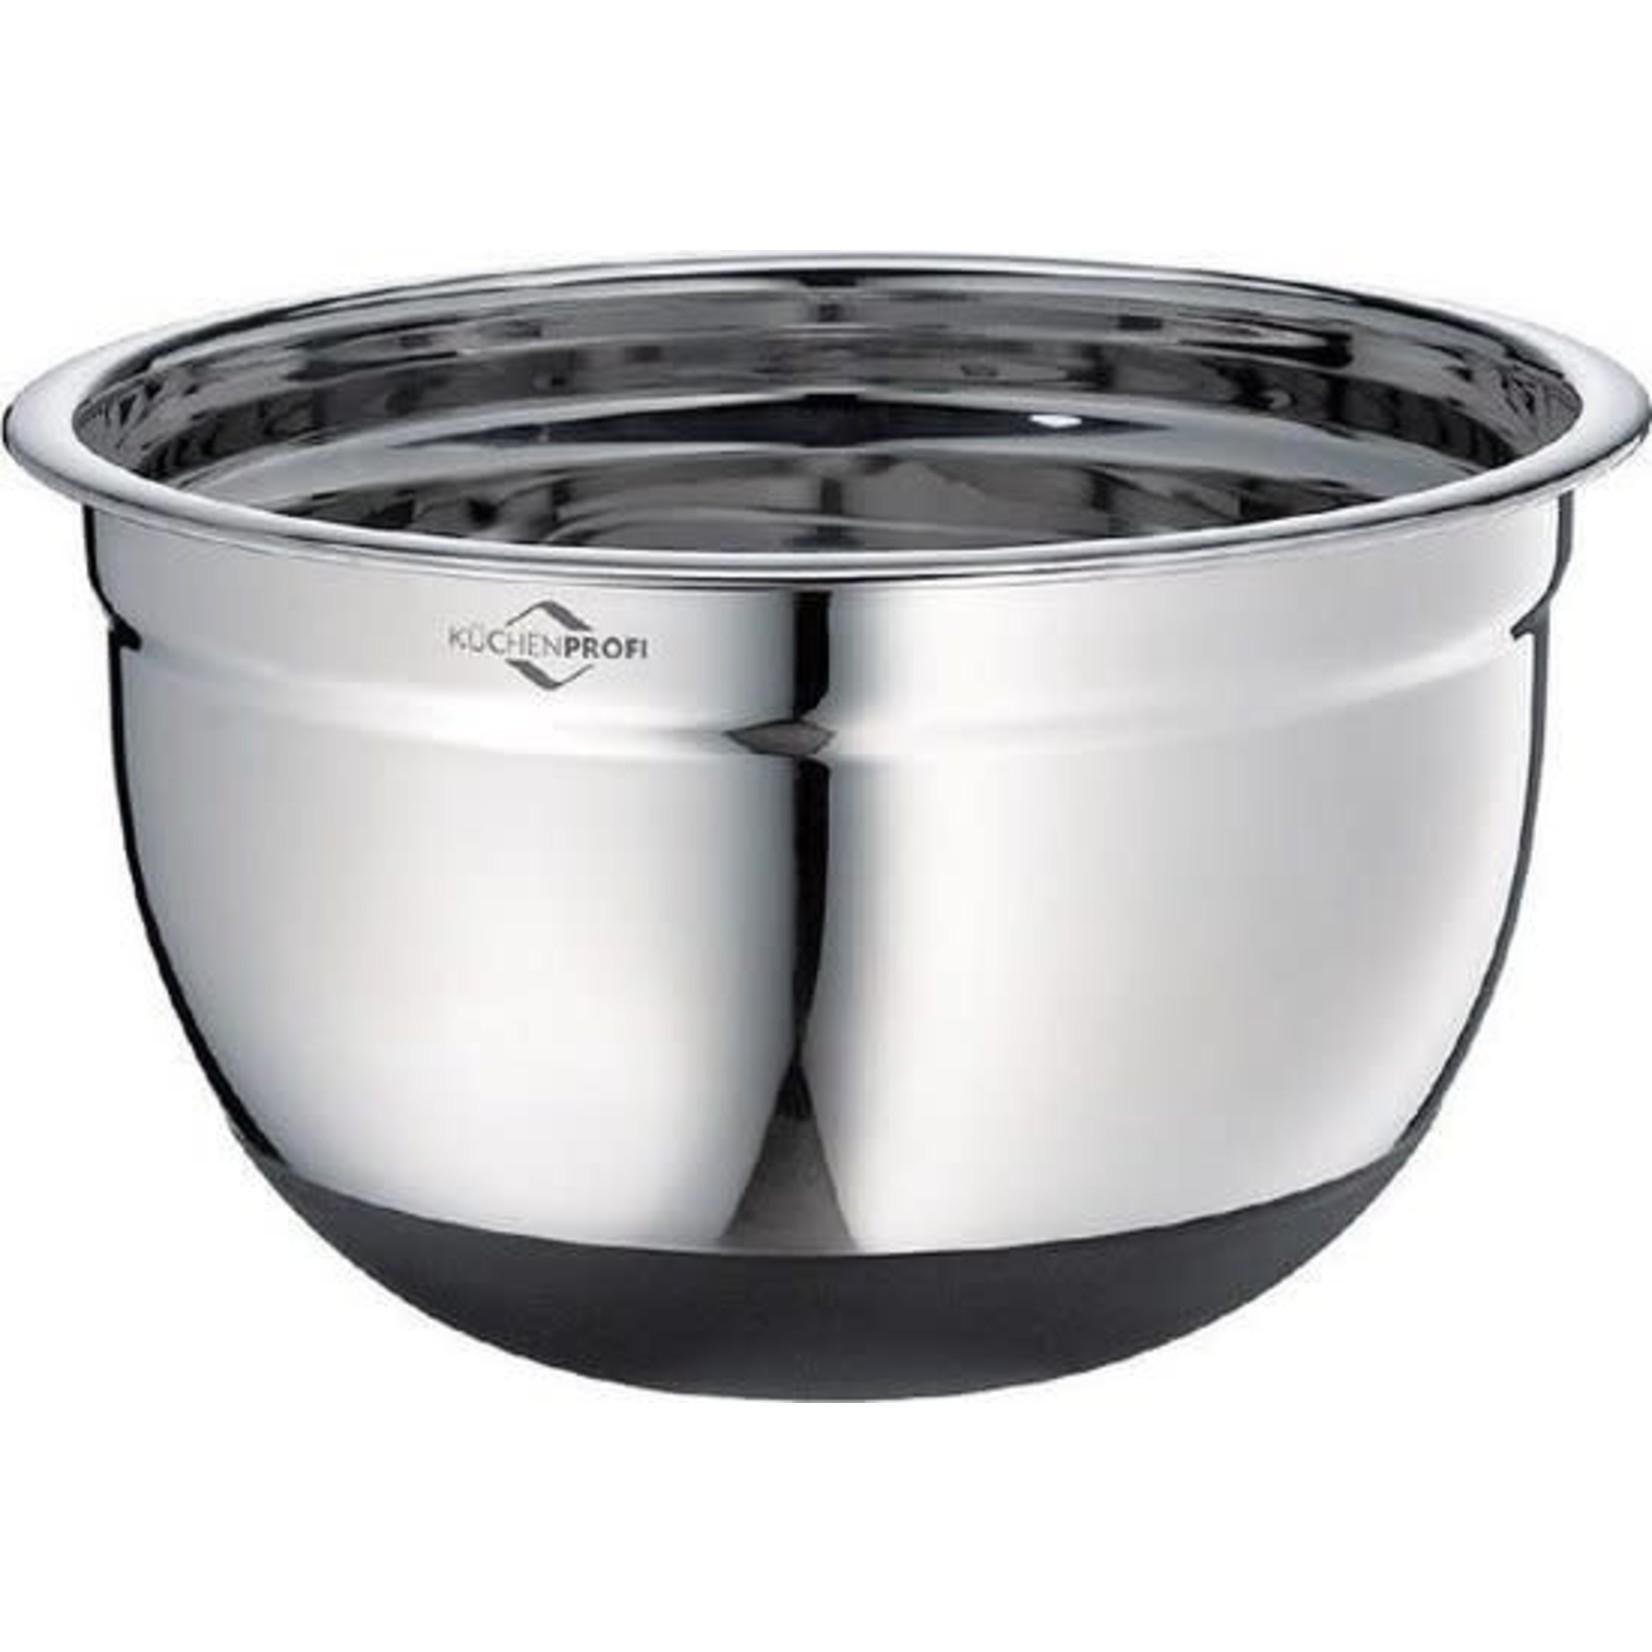 Küchenprofi Beslagkom rubber voet  24cm